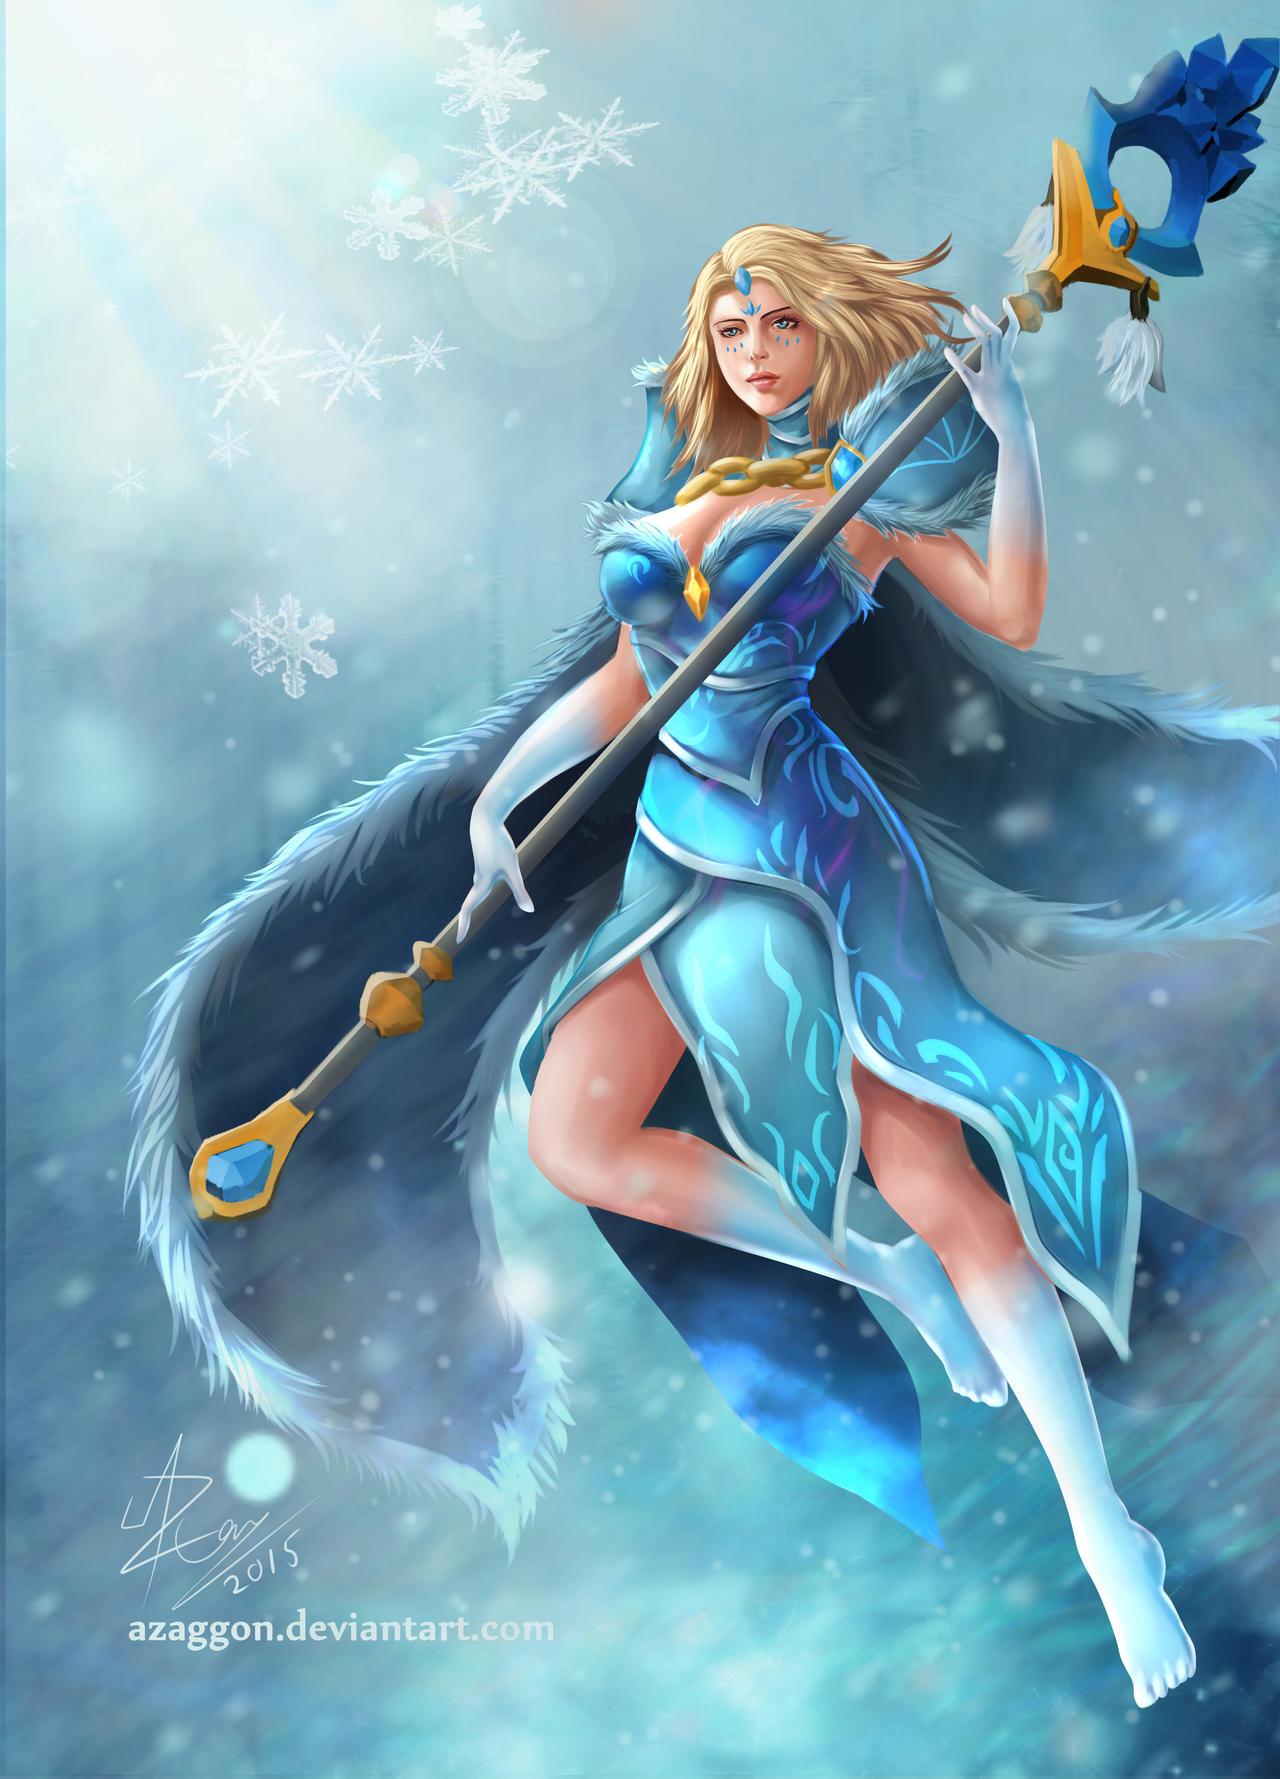 crystal maiden arcana by azaggon on deviantart